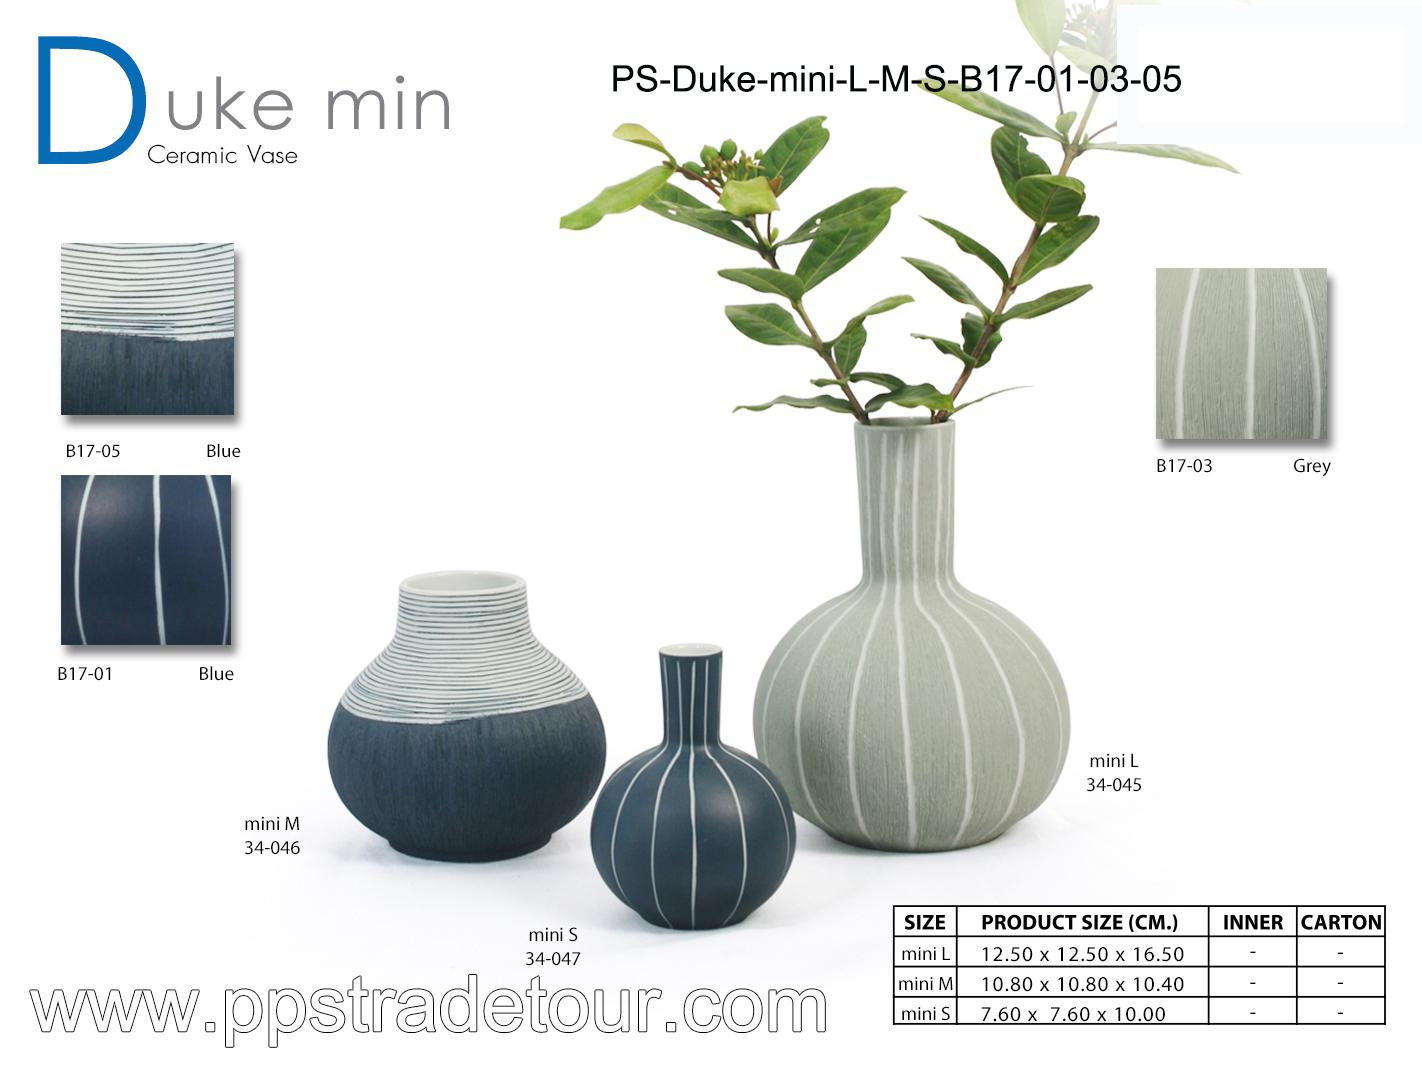 PSCV-Duke-mini-L-M-S-B17-01-03-05